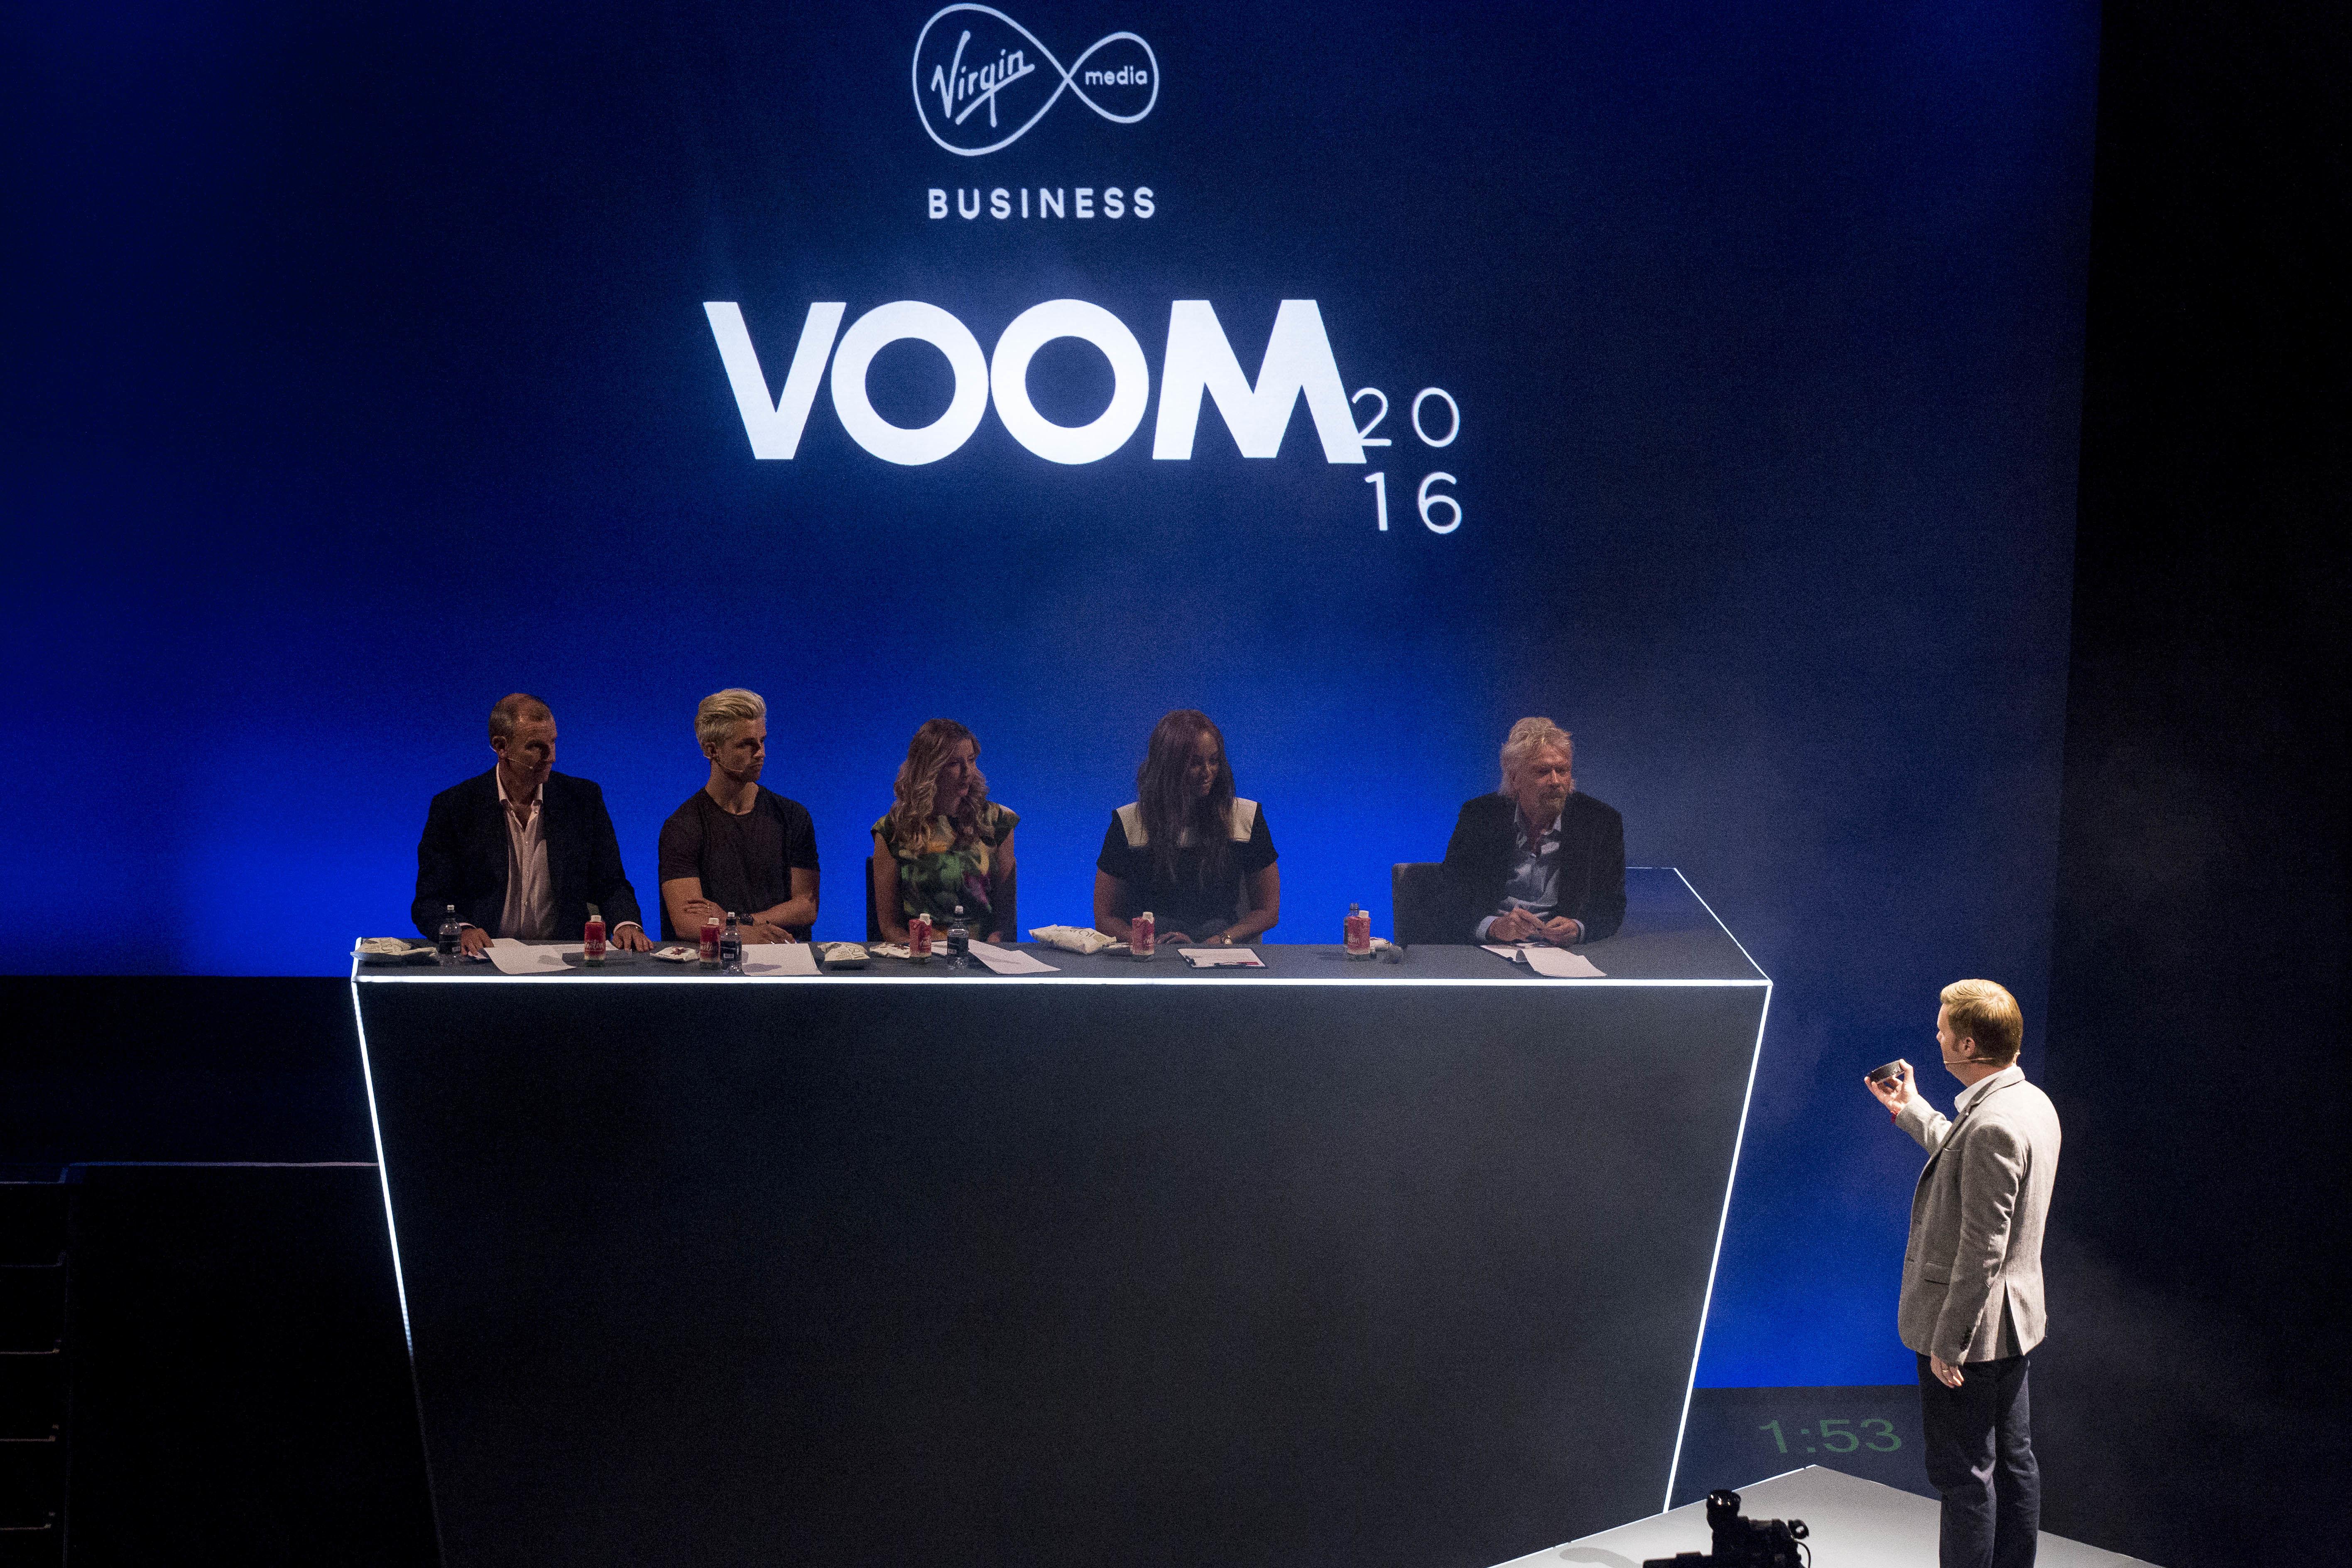 VOOM judging panel